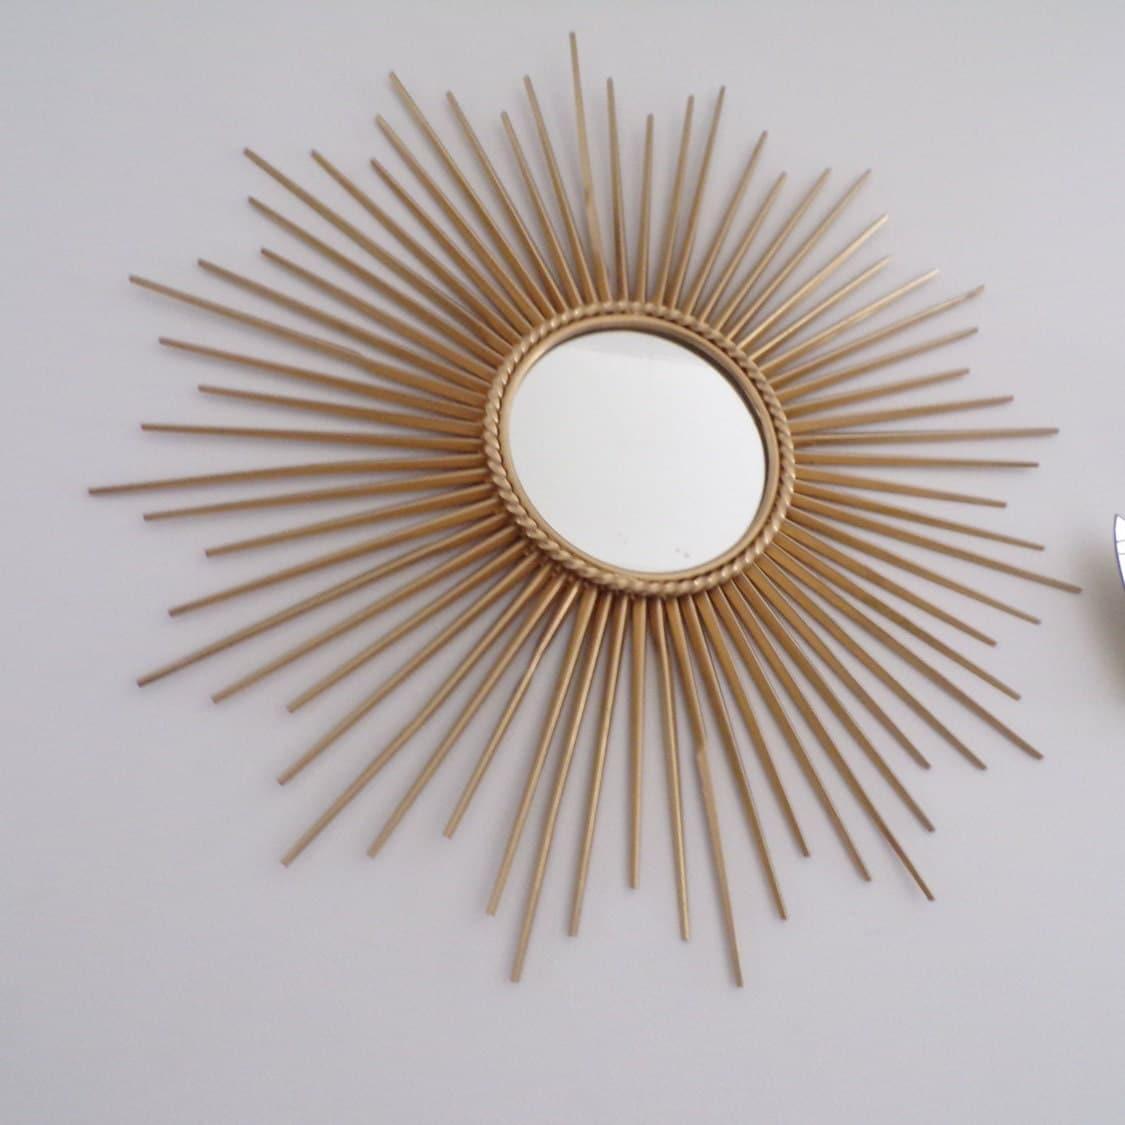 Grand miroir soleil vintage fran ais 1950 chaty vallauris for Grand miroir retro